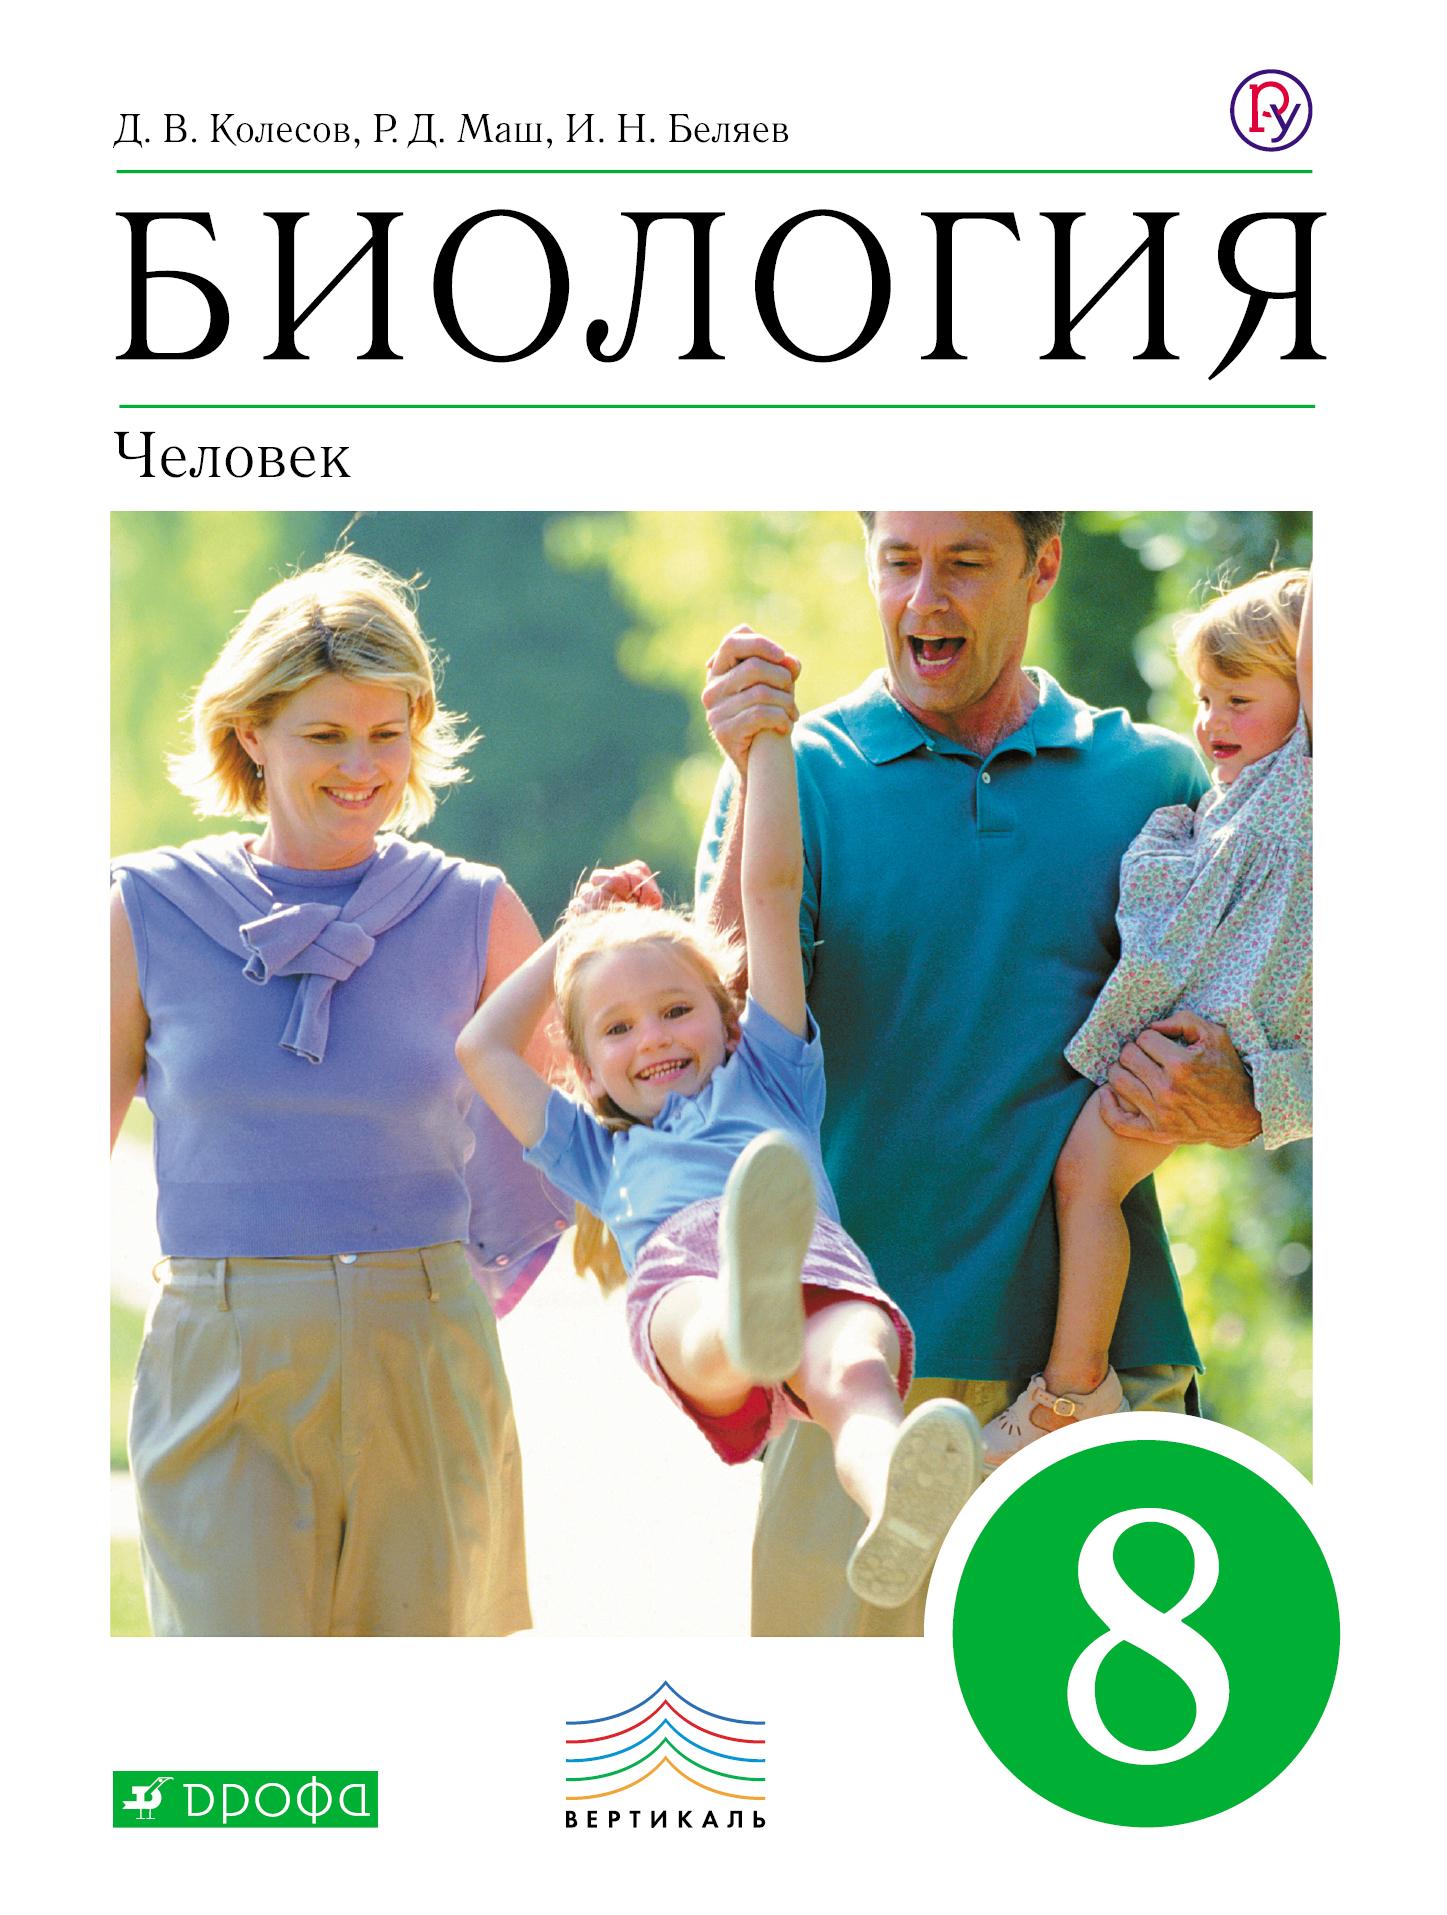 Колесов Д.В., Маш Р.Д., Беляев И.Н. Биология. Человек.8 класс. Учебник. ВЕРТИКАЛЬ